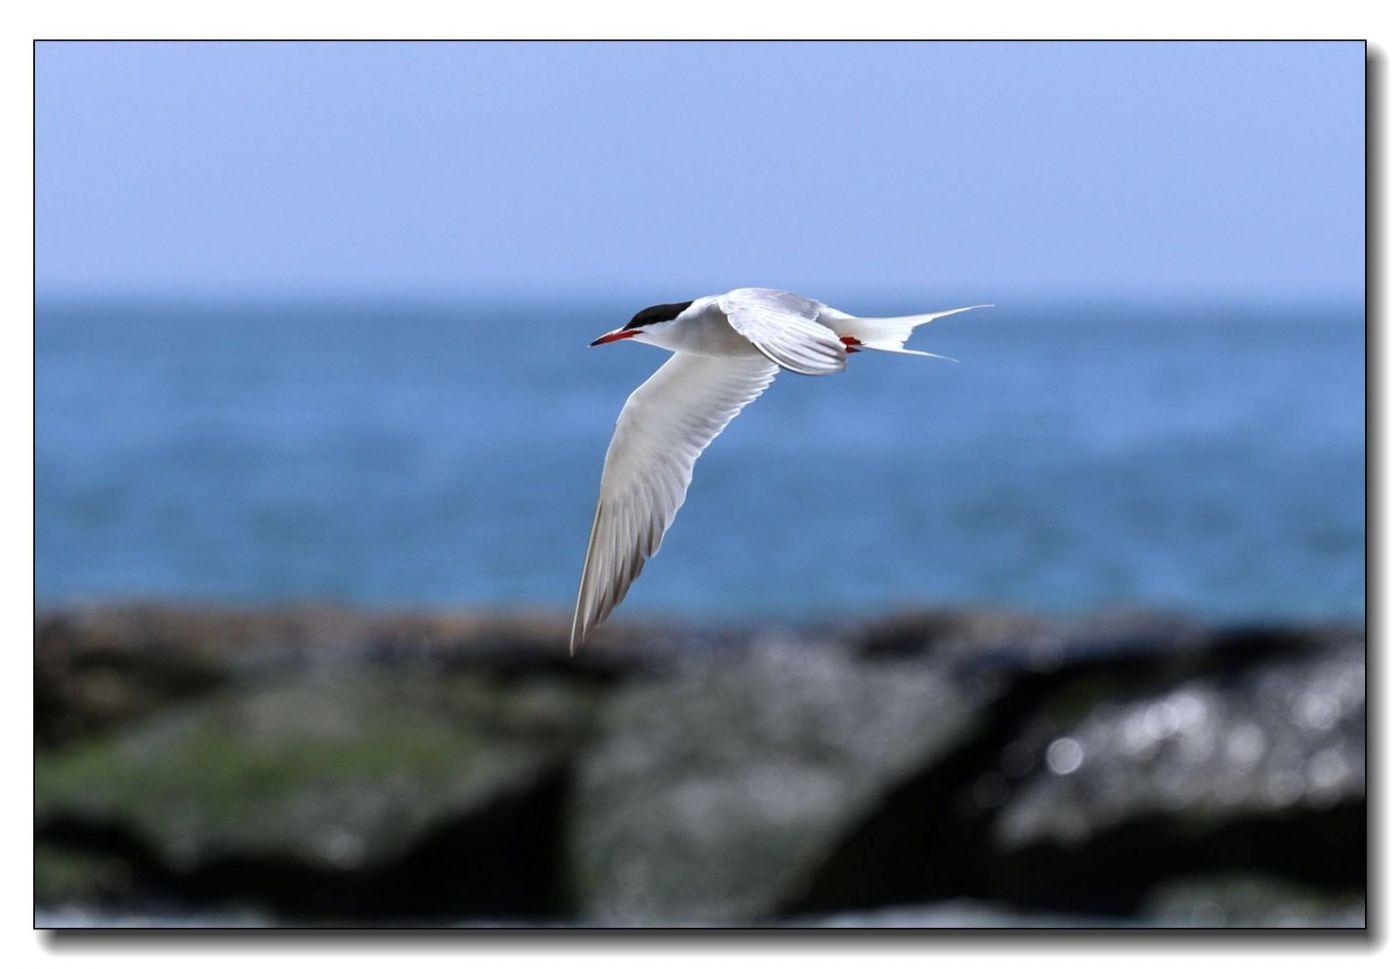 洛克威海滩拍鸟-燕鸥_图1-2